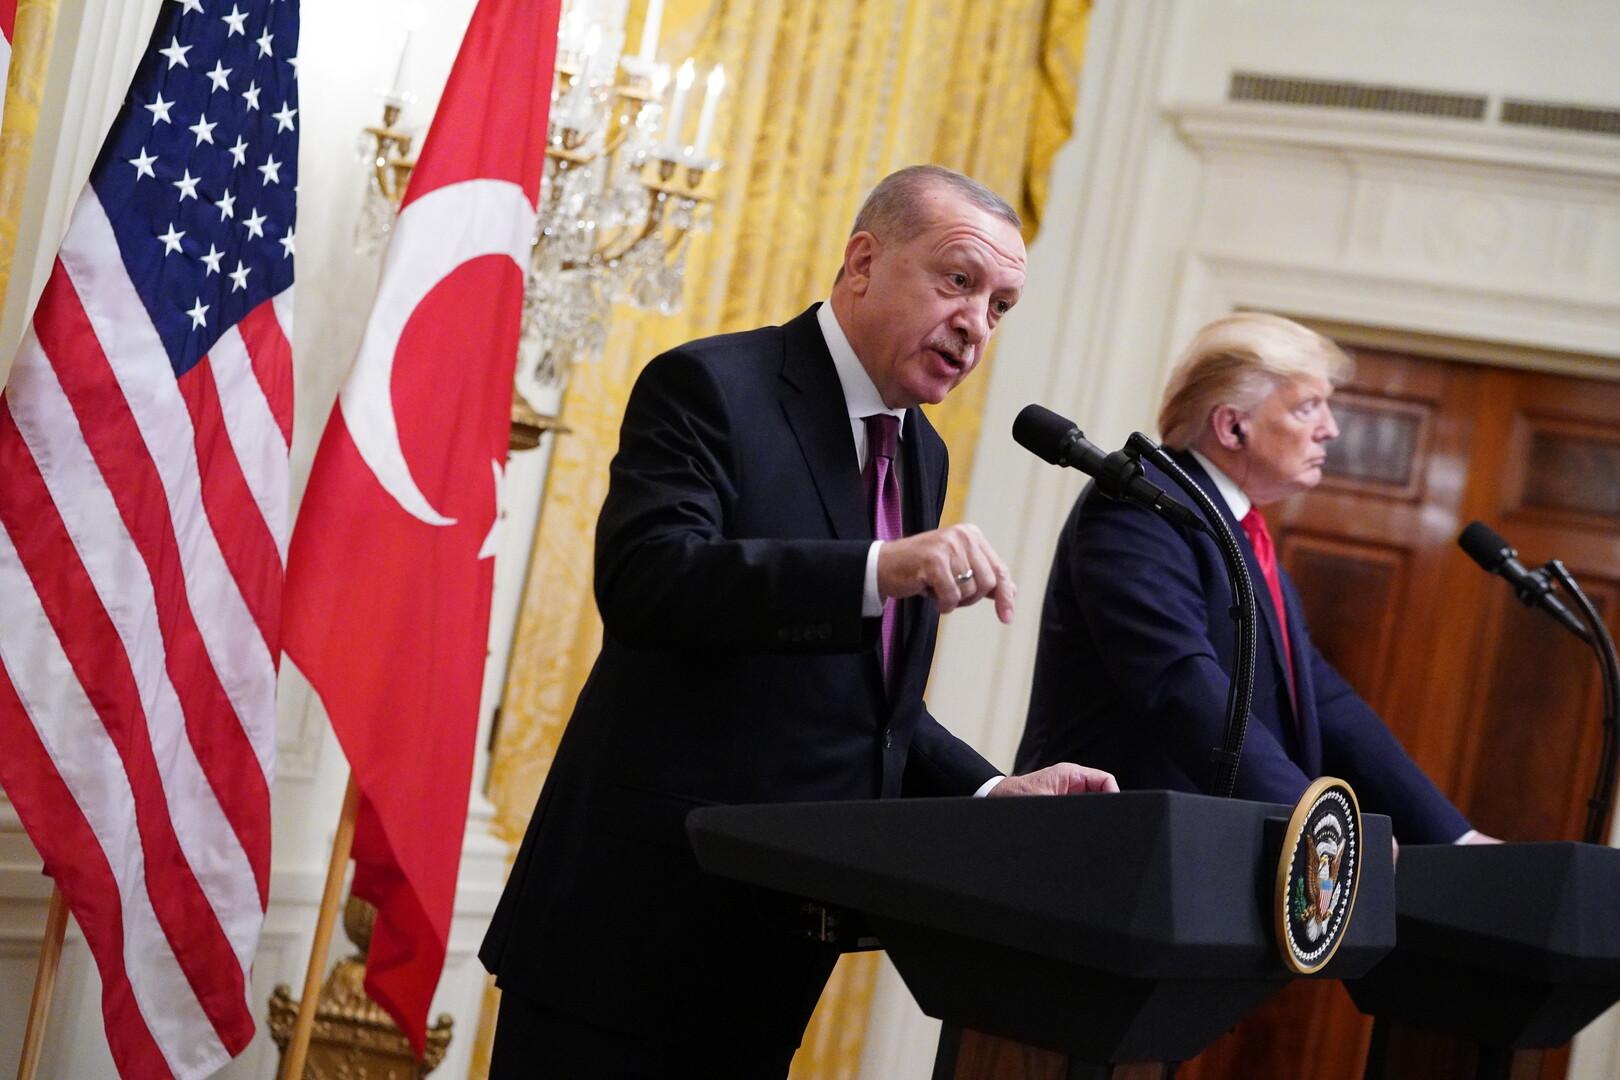 أردوغان يتحدث عن ظلال تحجب علاقات بلاده بالولايات المتحدة!